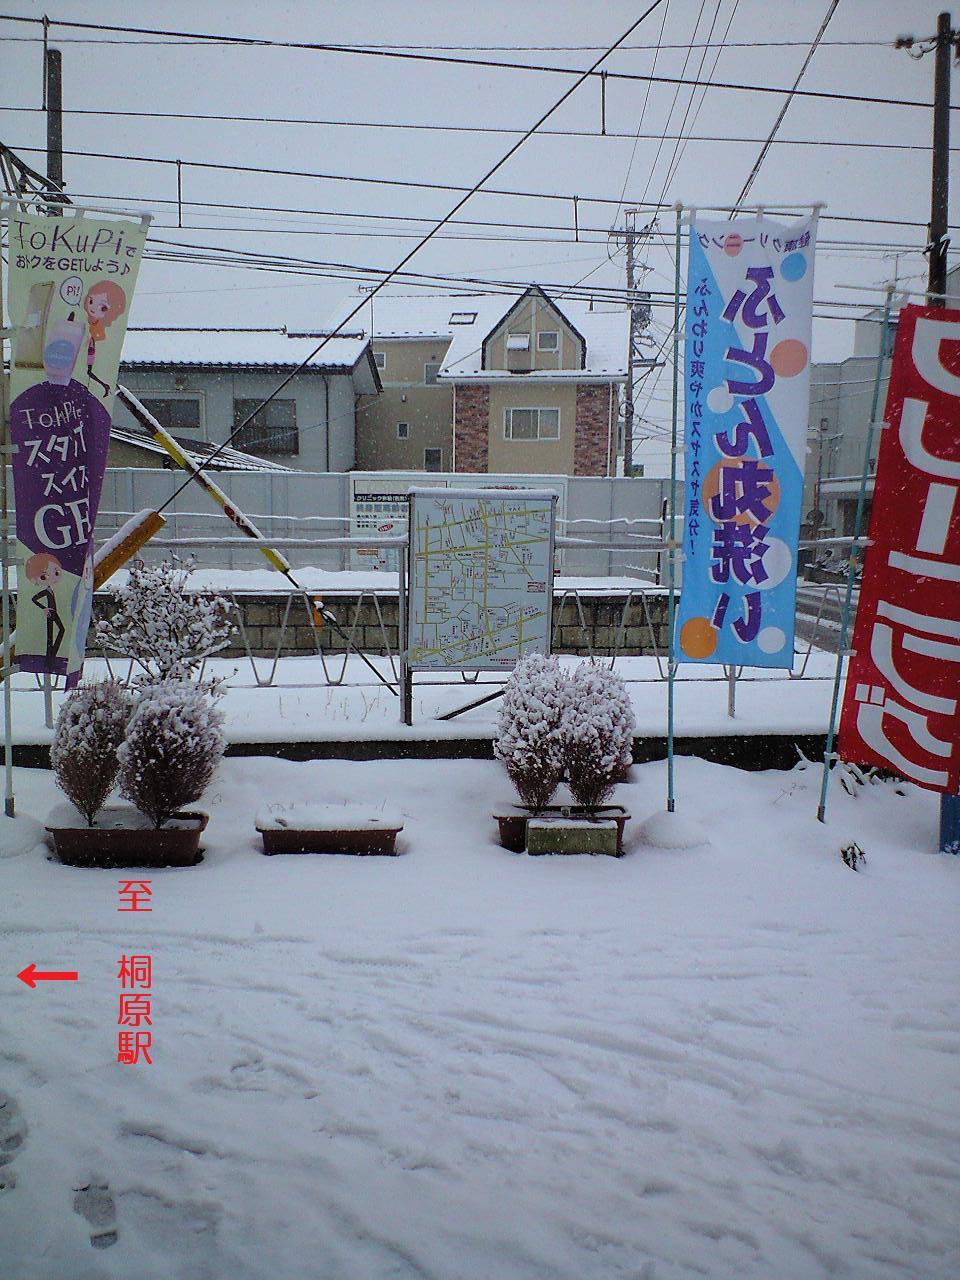 雪降りの朝 - コピー